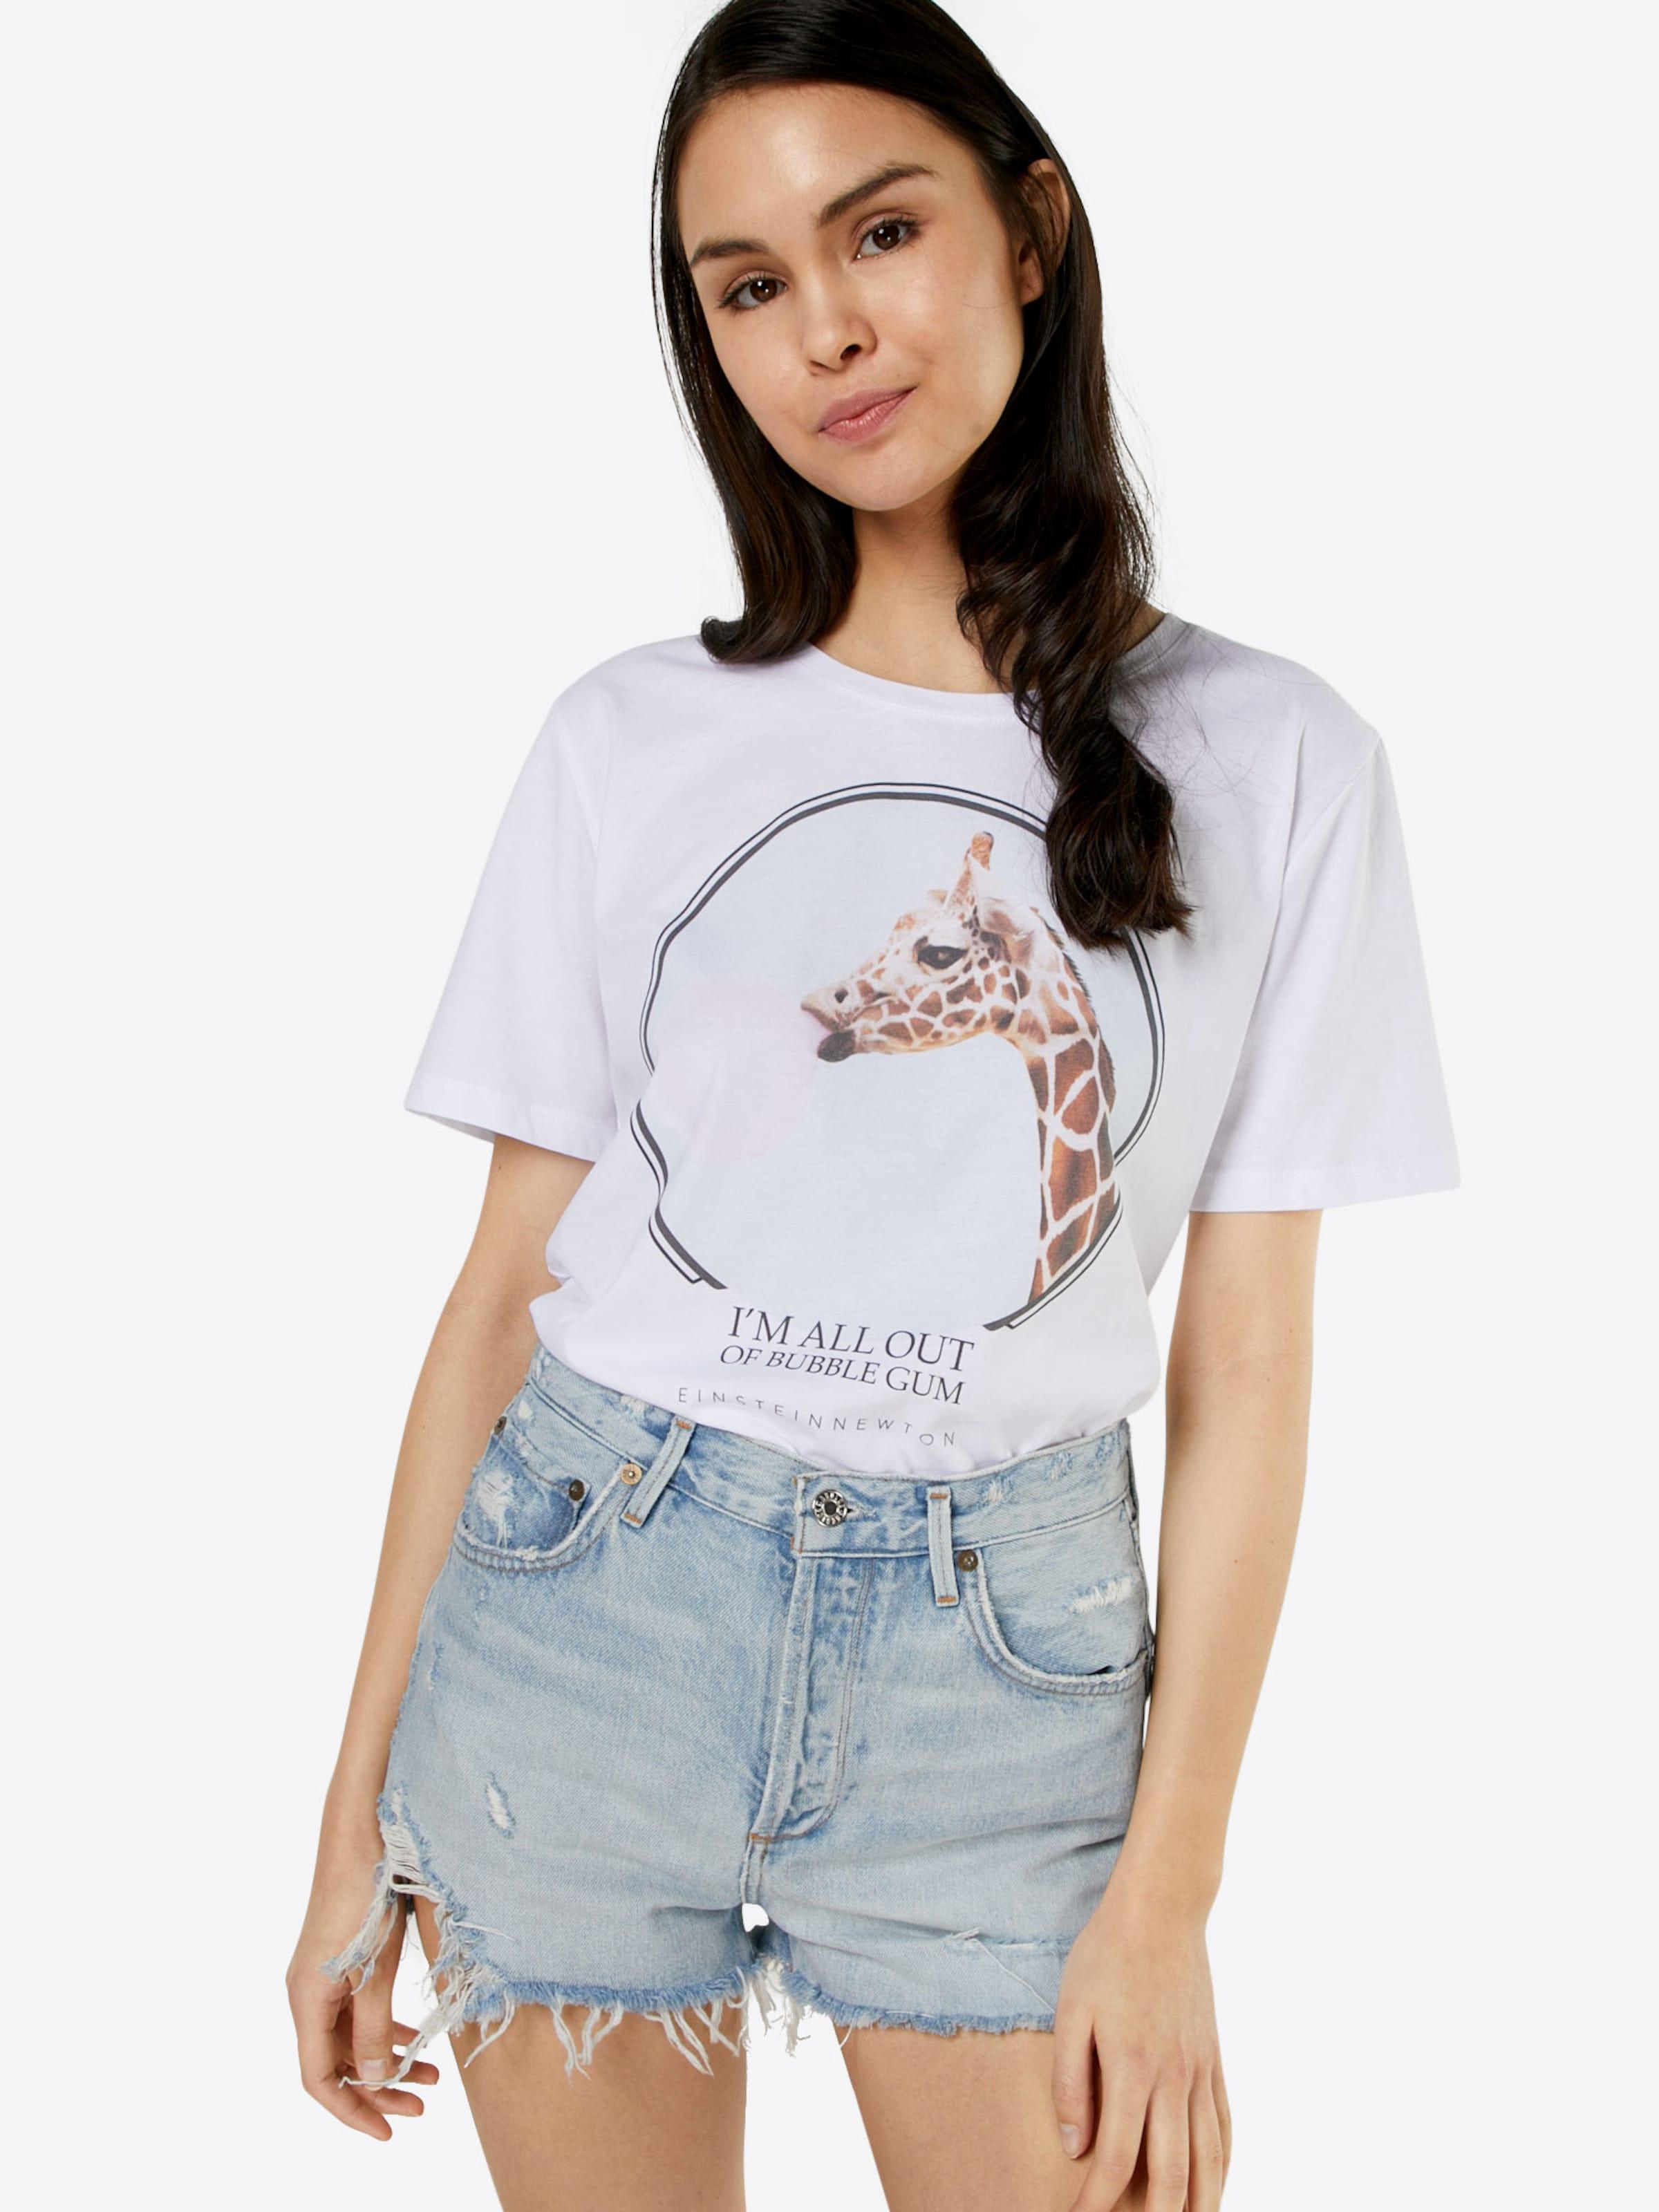 EINSTEIN & NEWTON T-Shirt 'Bubble Paxton' Billig Verkauf Für Schön Freies Verschiffen Fälschung Steckdose Freies Verschiffen Authentische LjL7R